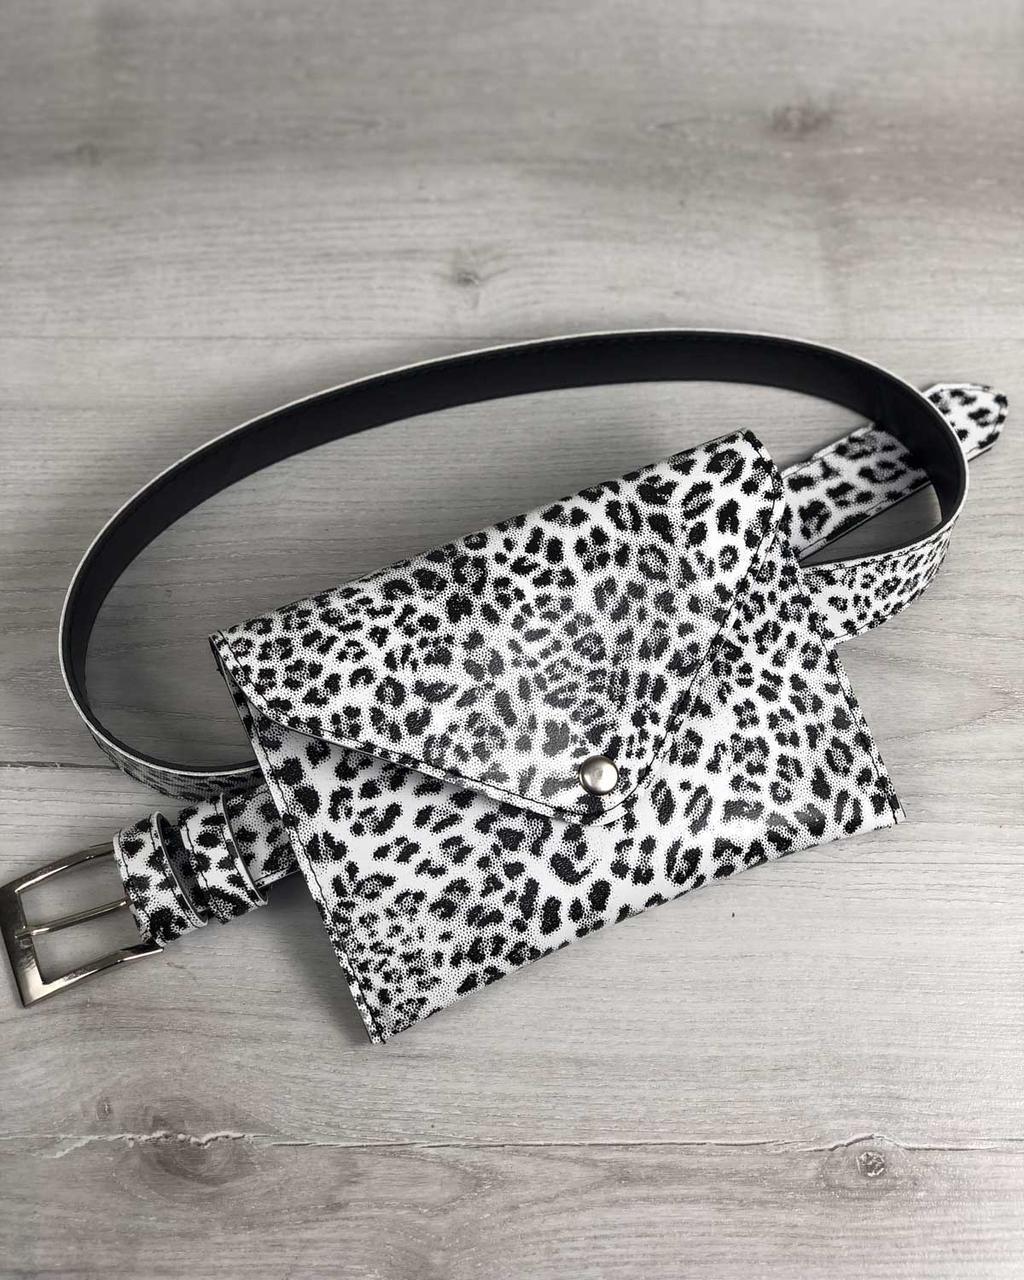 484a533b22f3 Поясная сумка-клатч 99112 маленькая черно-белая на пояс: продажа ...